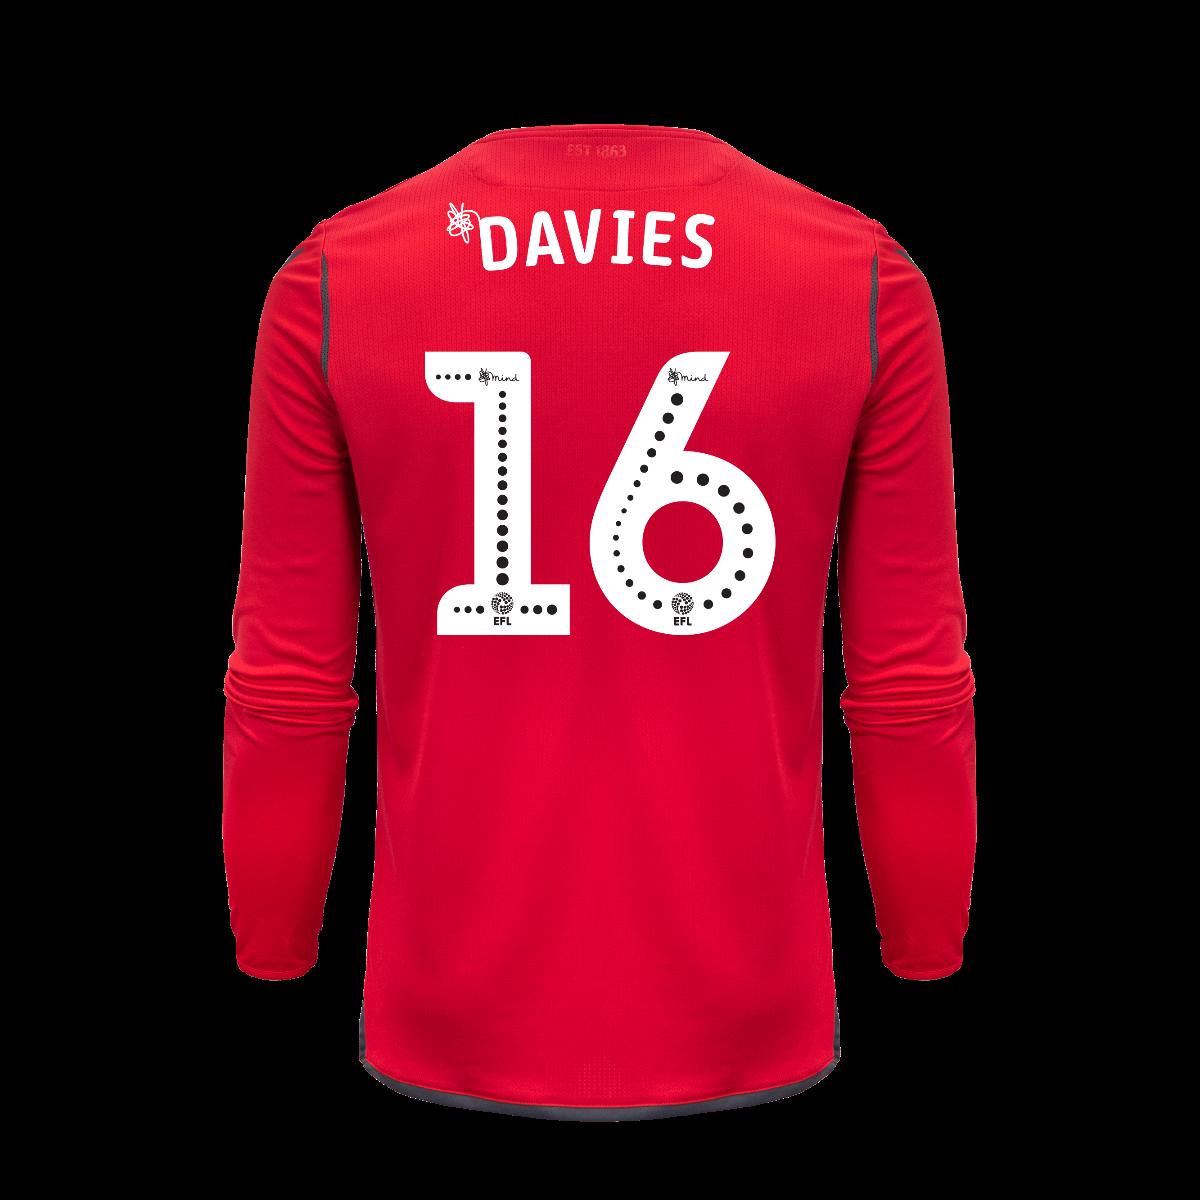 2019/20 Adult Away GK Shirt - Davies